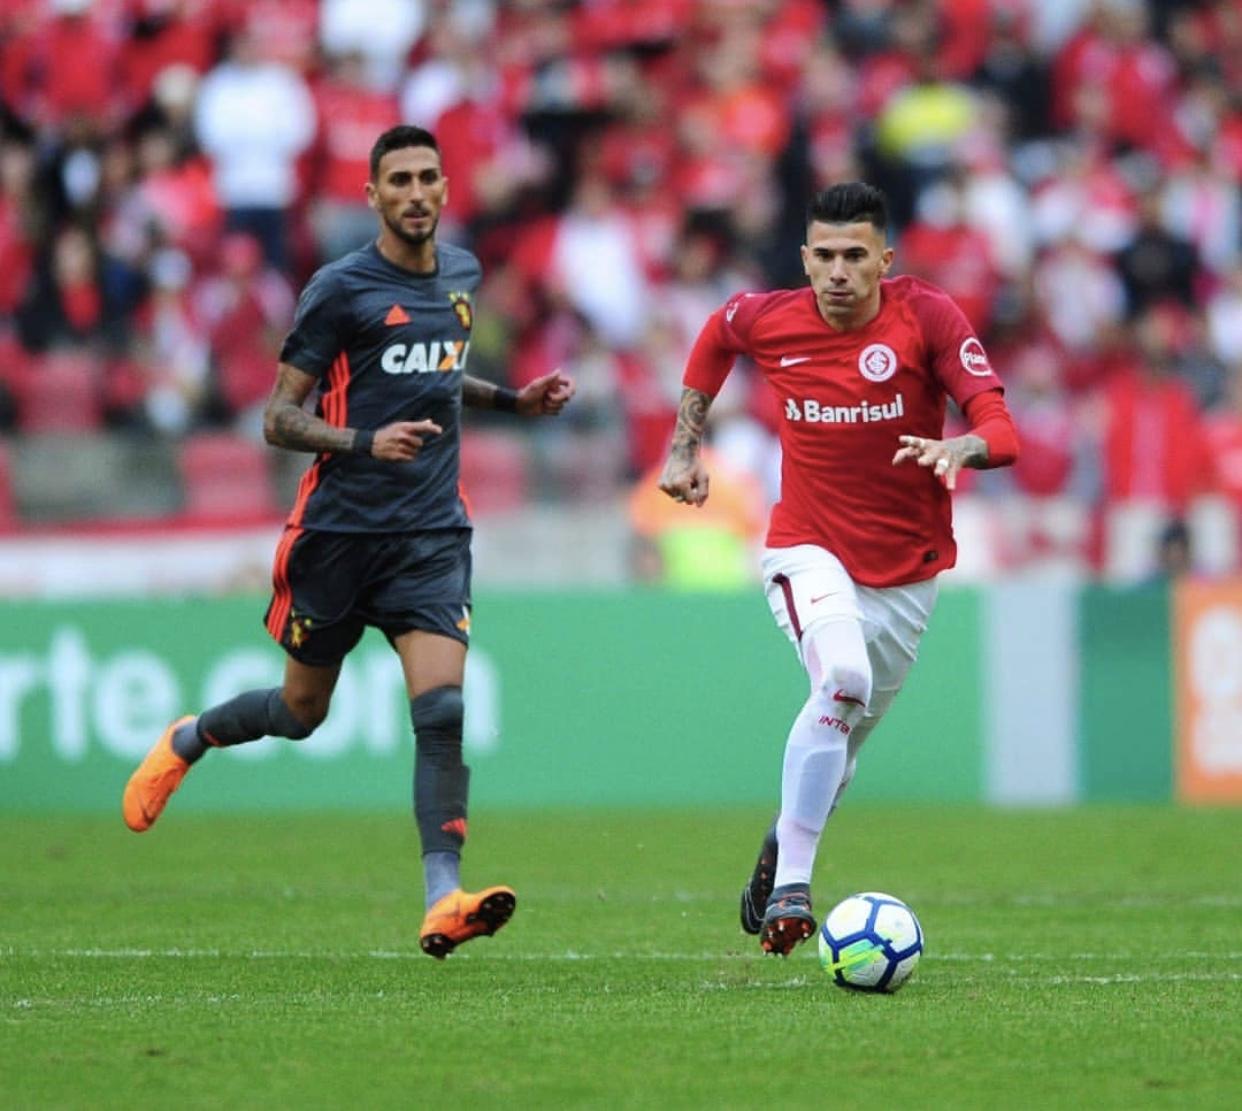 Sport X Internacional Acompanhe O Placar Ao Vivo Do Brasileirao Torcedores Noticias Sobre Futebol Games E Outros Esportes